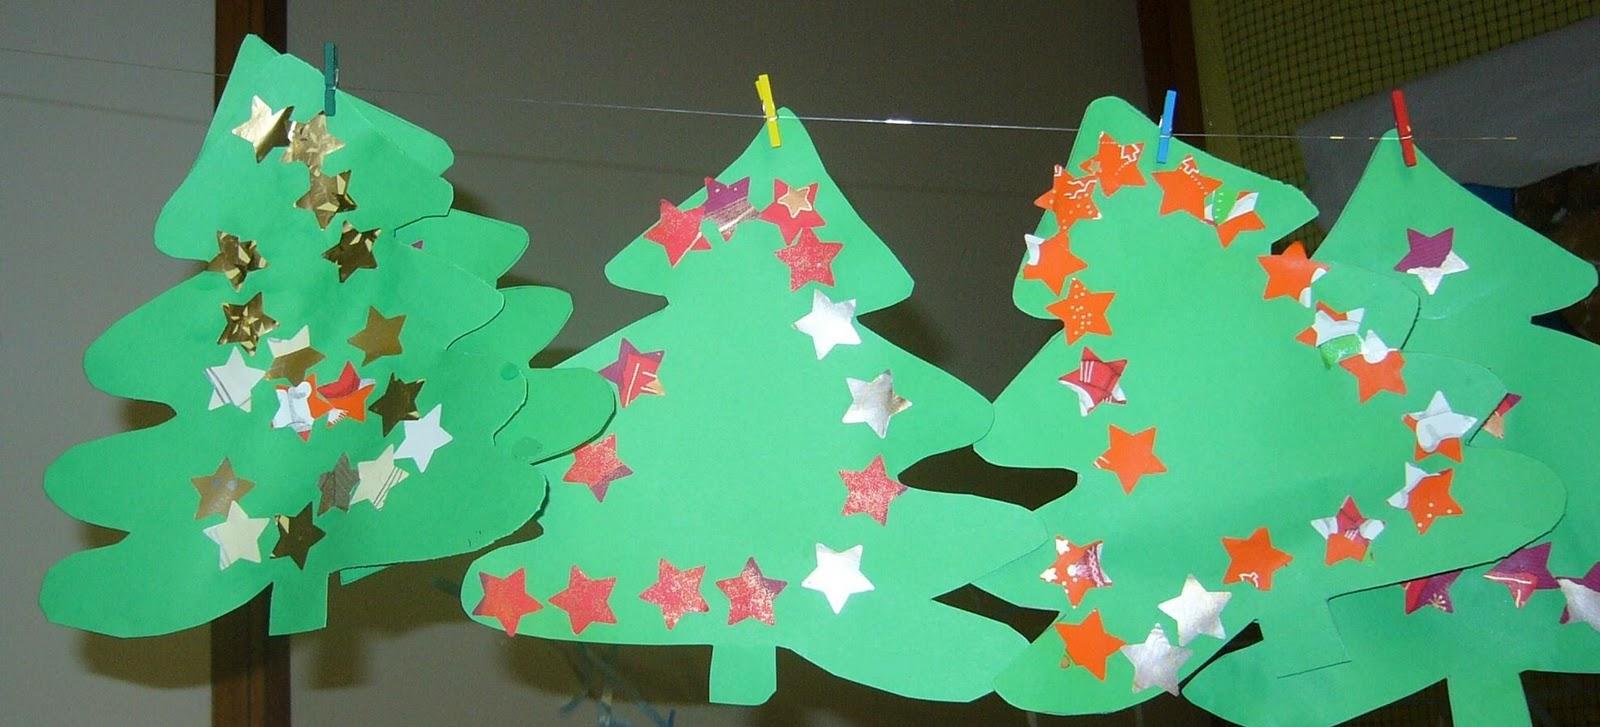 Scuola dell 39 infanzia di coseano addobbi di natale nella for Addobbi natalizi scuola primaria